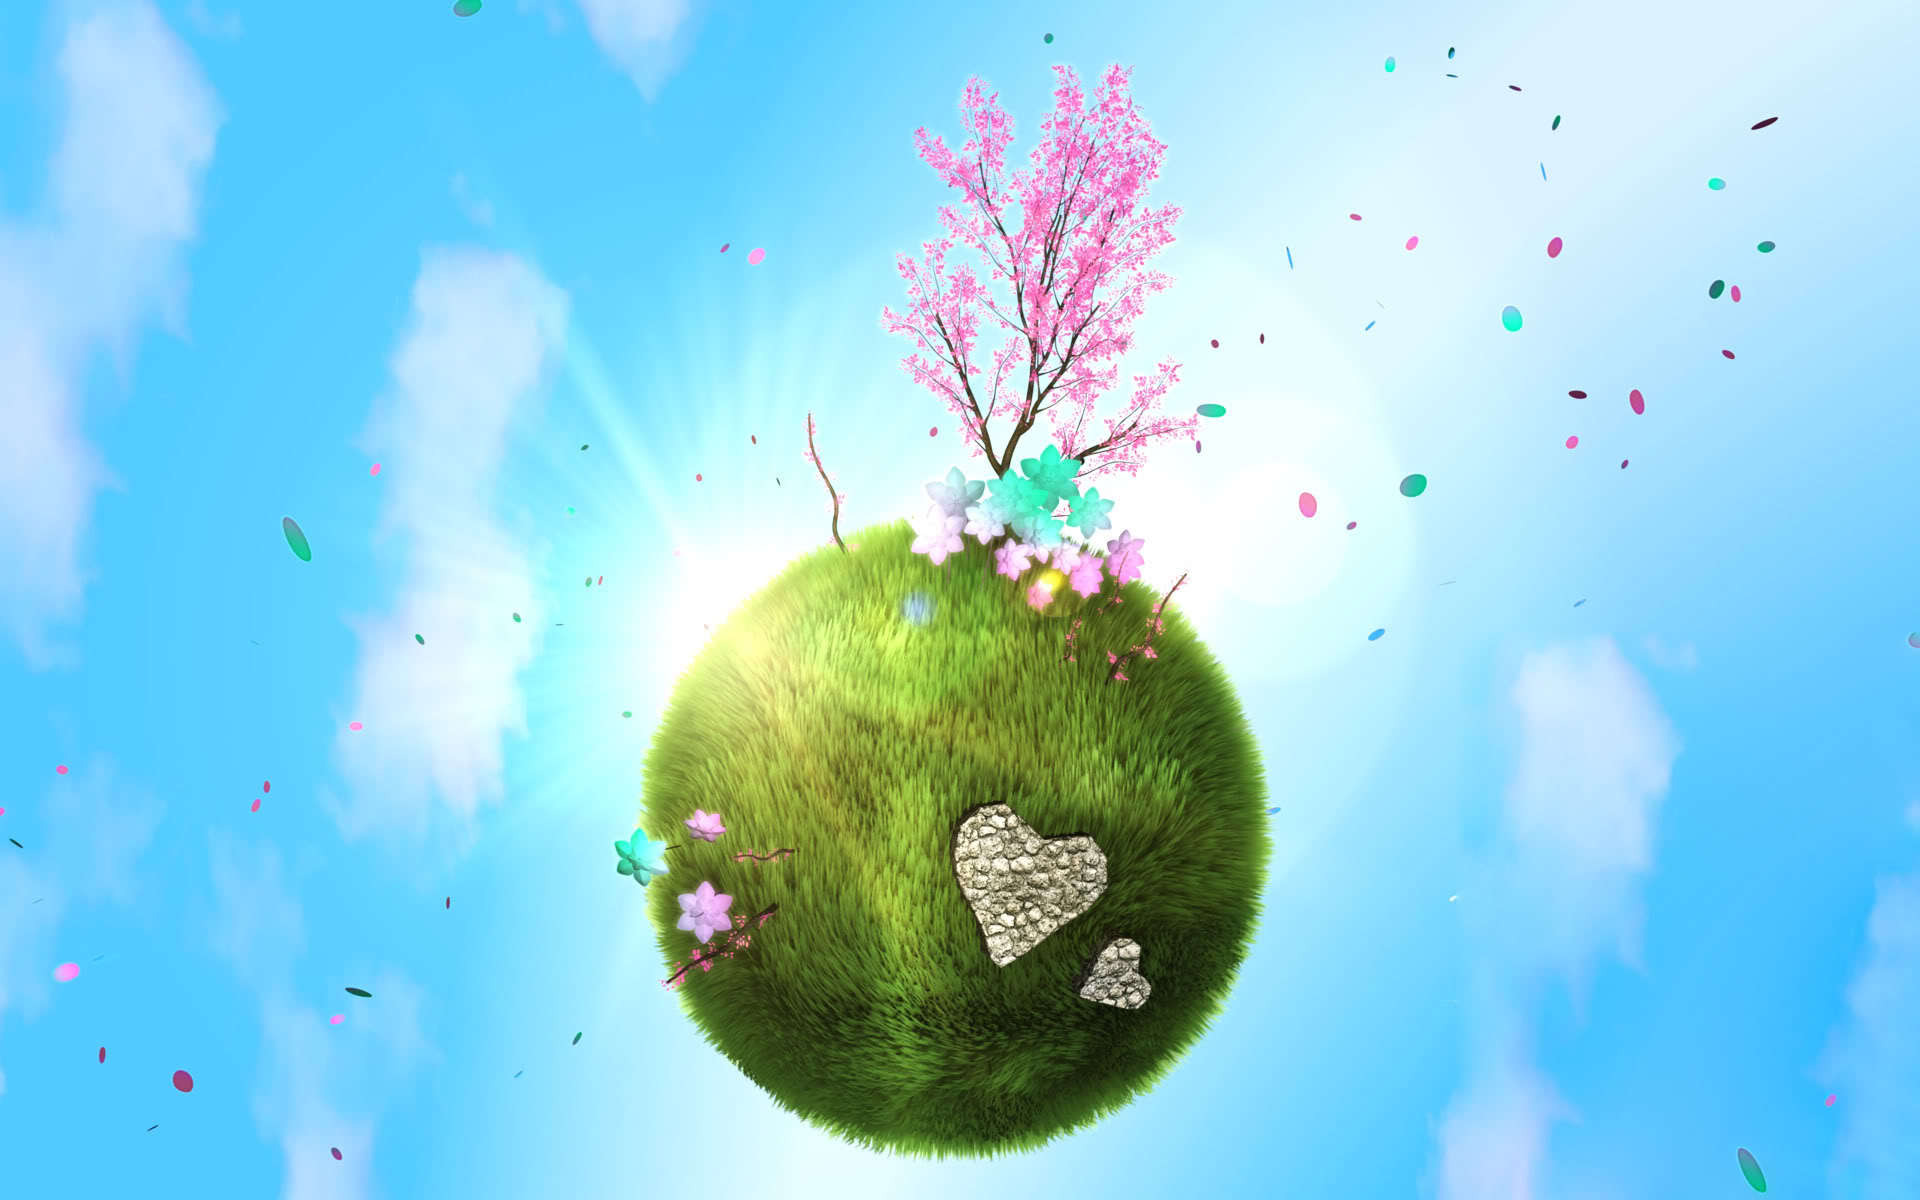 Сердце из зелени  № 1599119  скачать